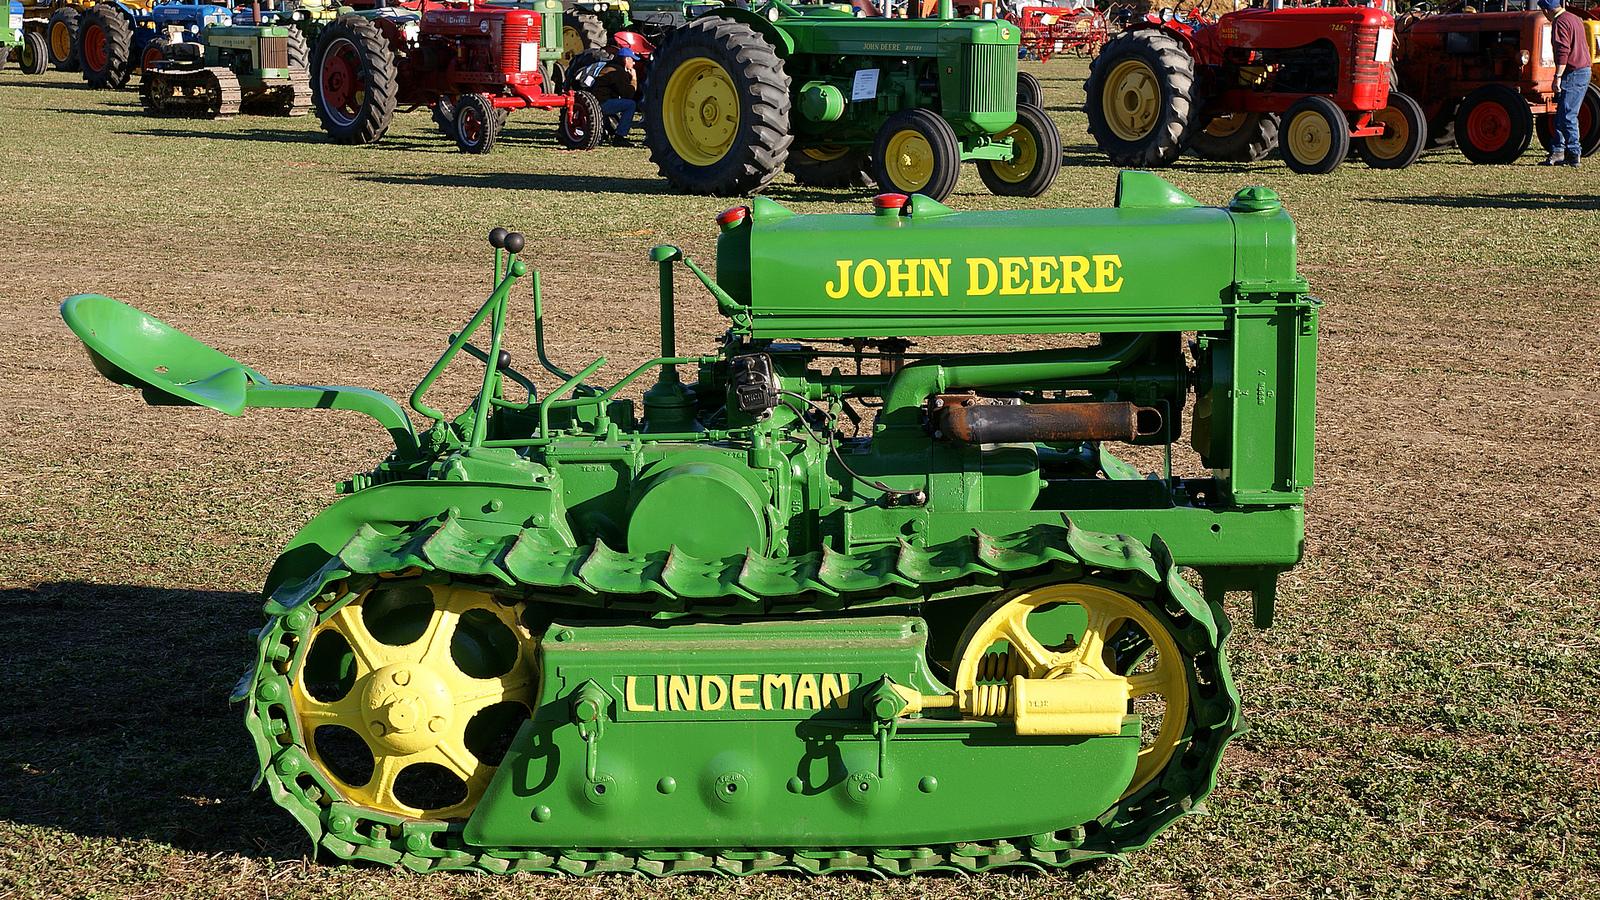 John Deere Lindeman